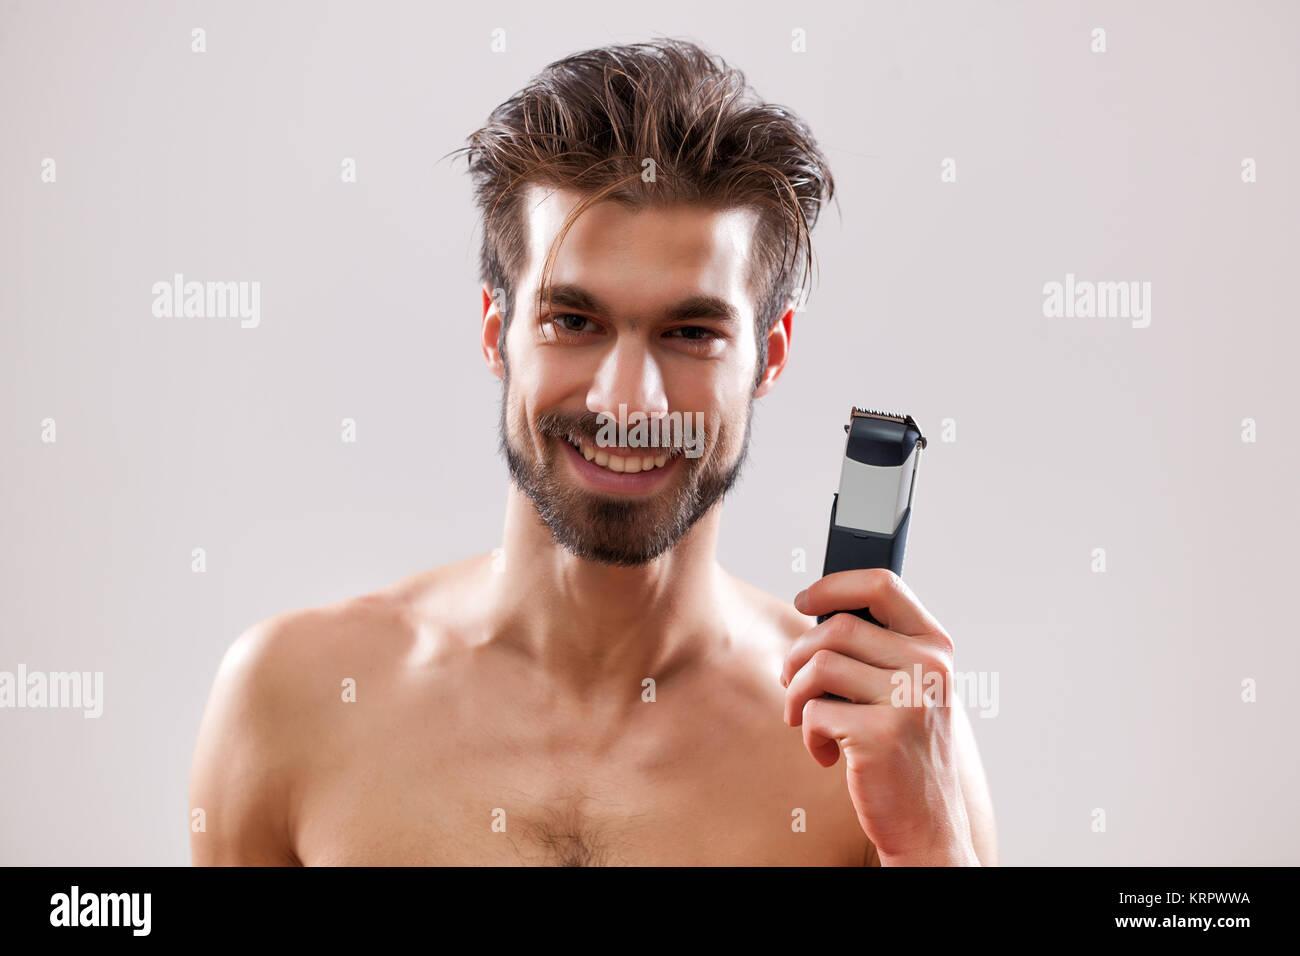 Giovane uomo è in possesso di rasoio elettrico ed egli sta per radersi la barba. Immagini Stock